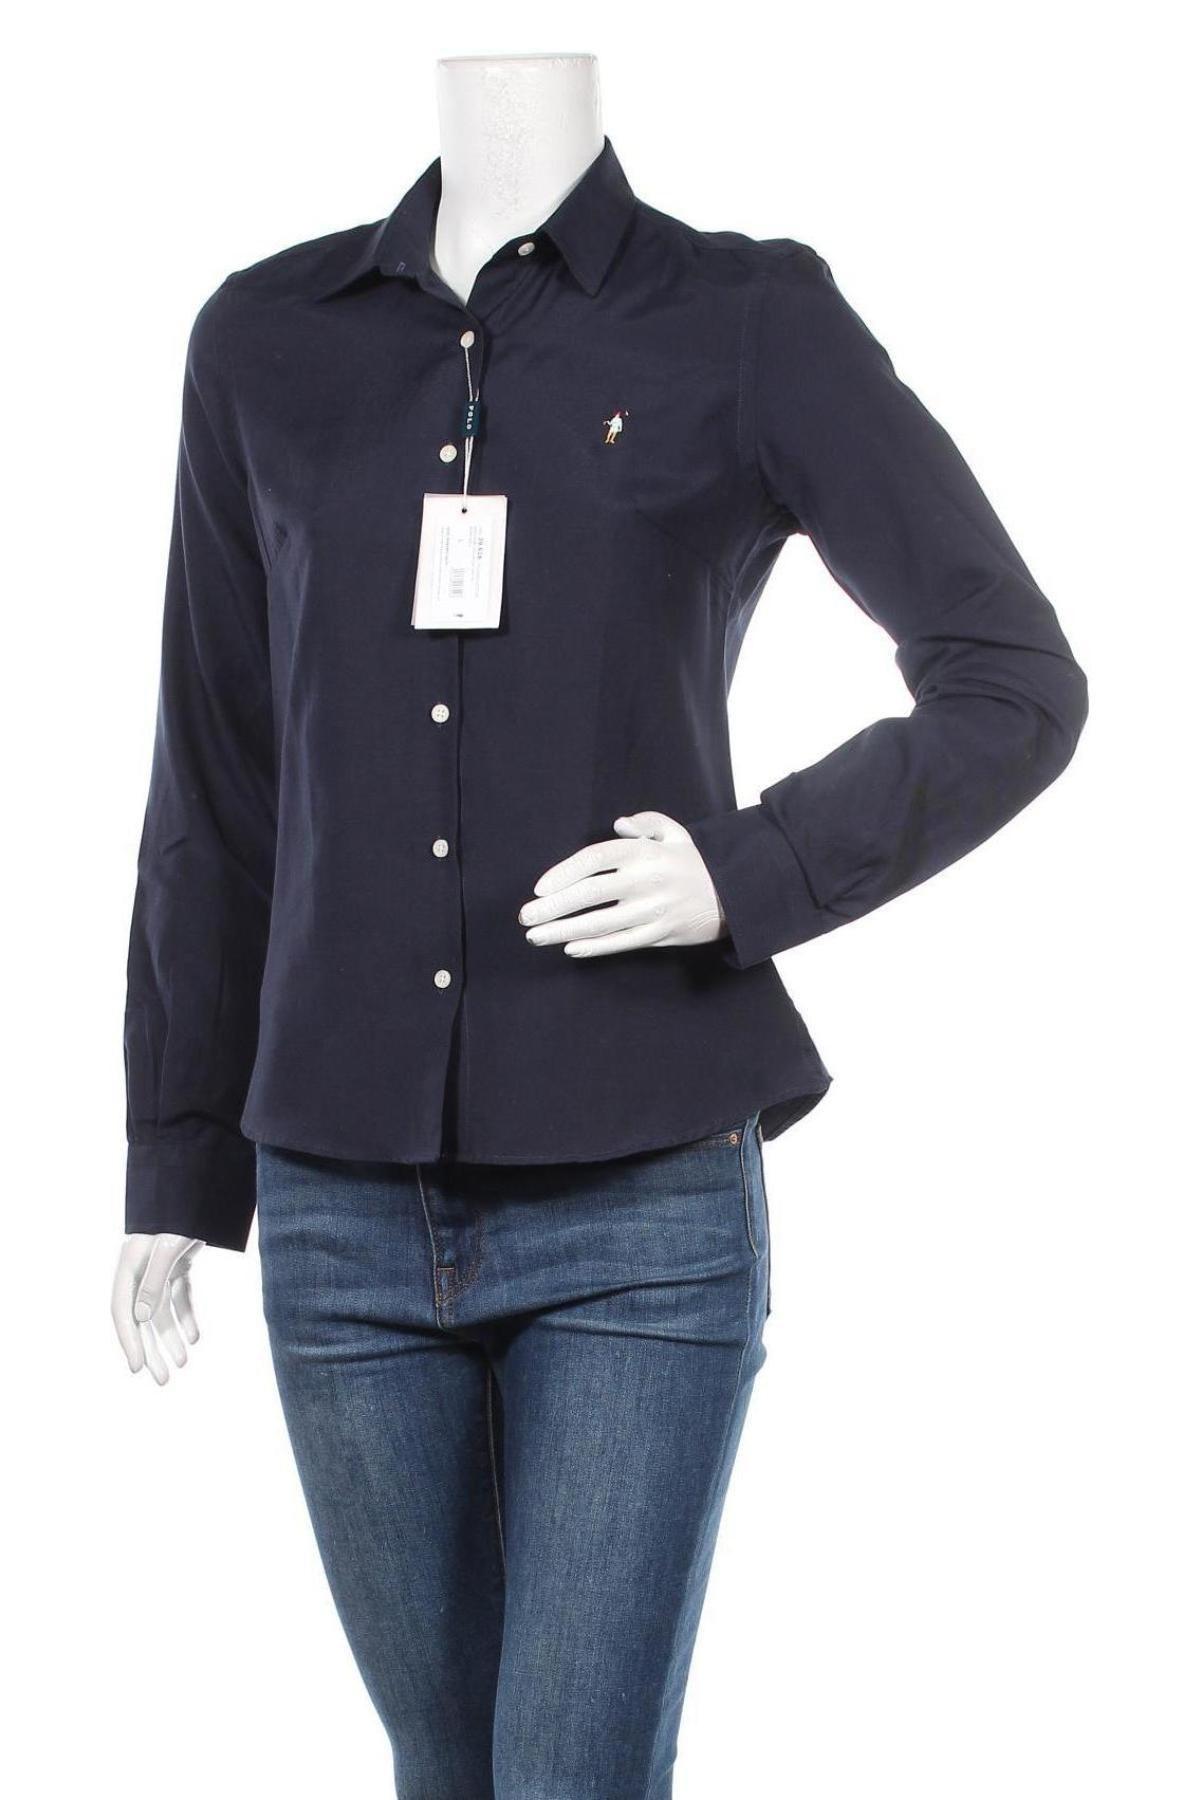 Дамска риза Polo Club, Размер L, Цвят Син, 70% памук, 30% полиестер, Цена 42,00лв.